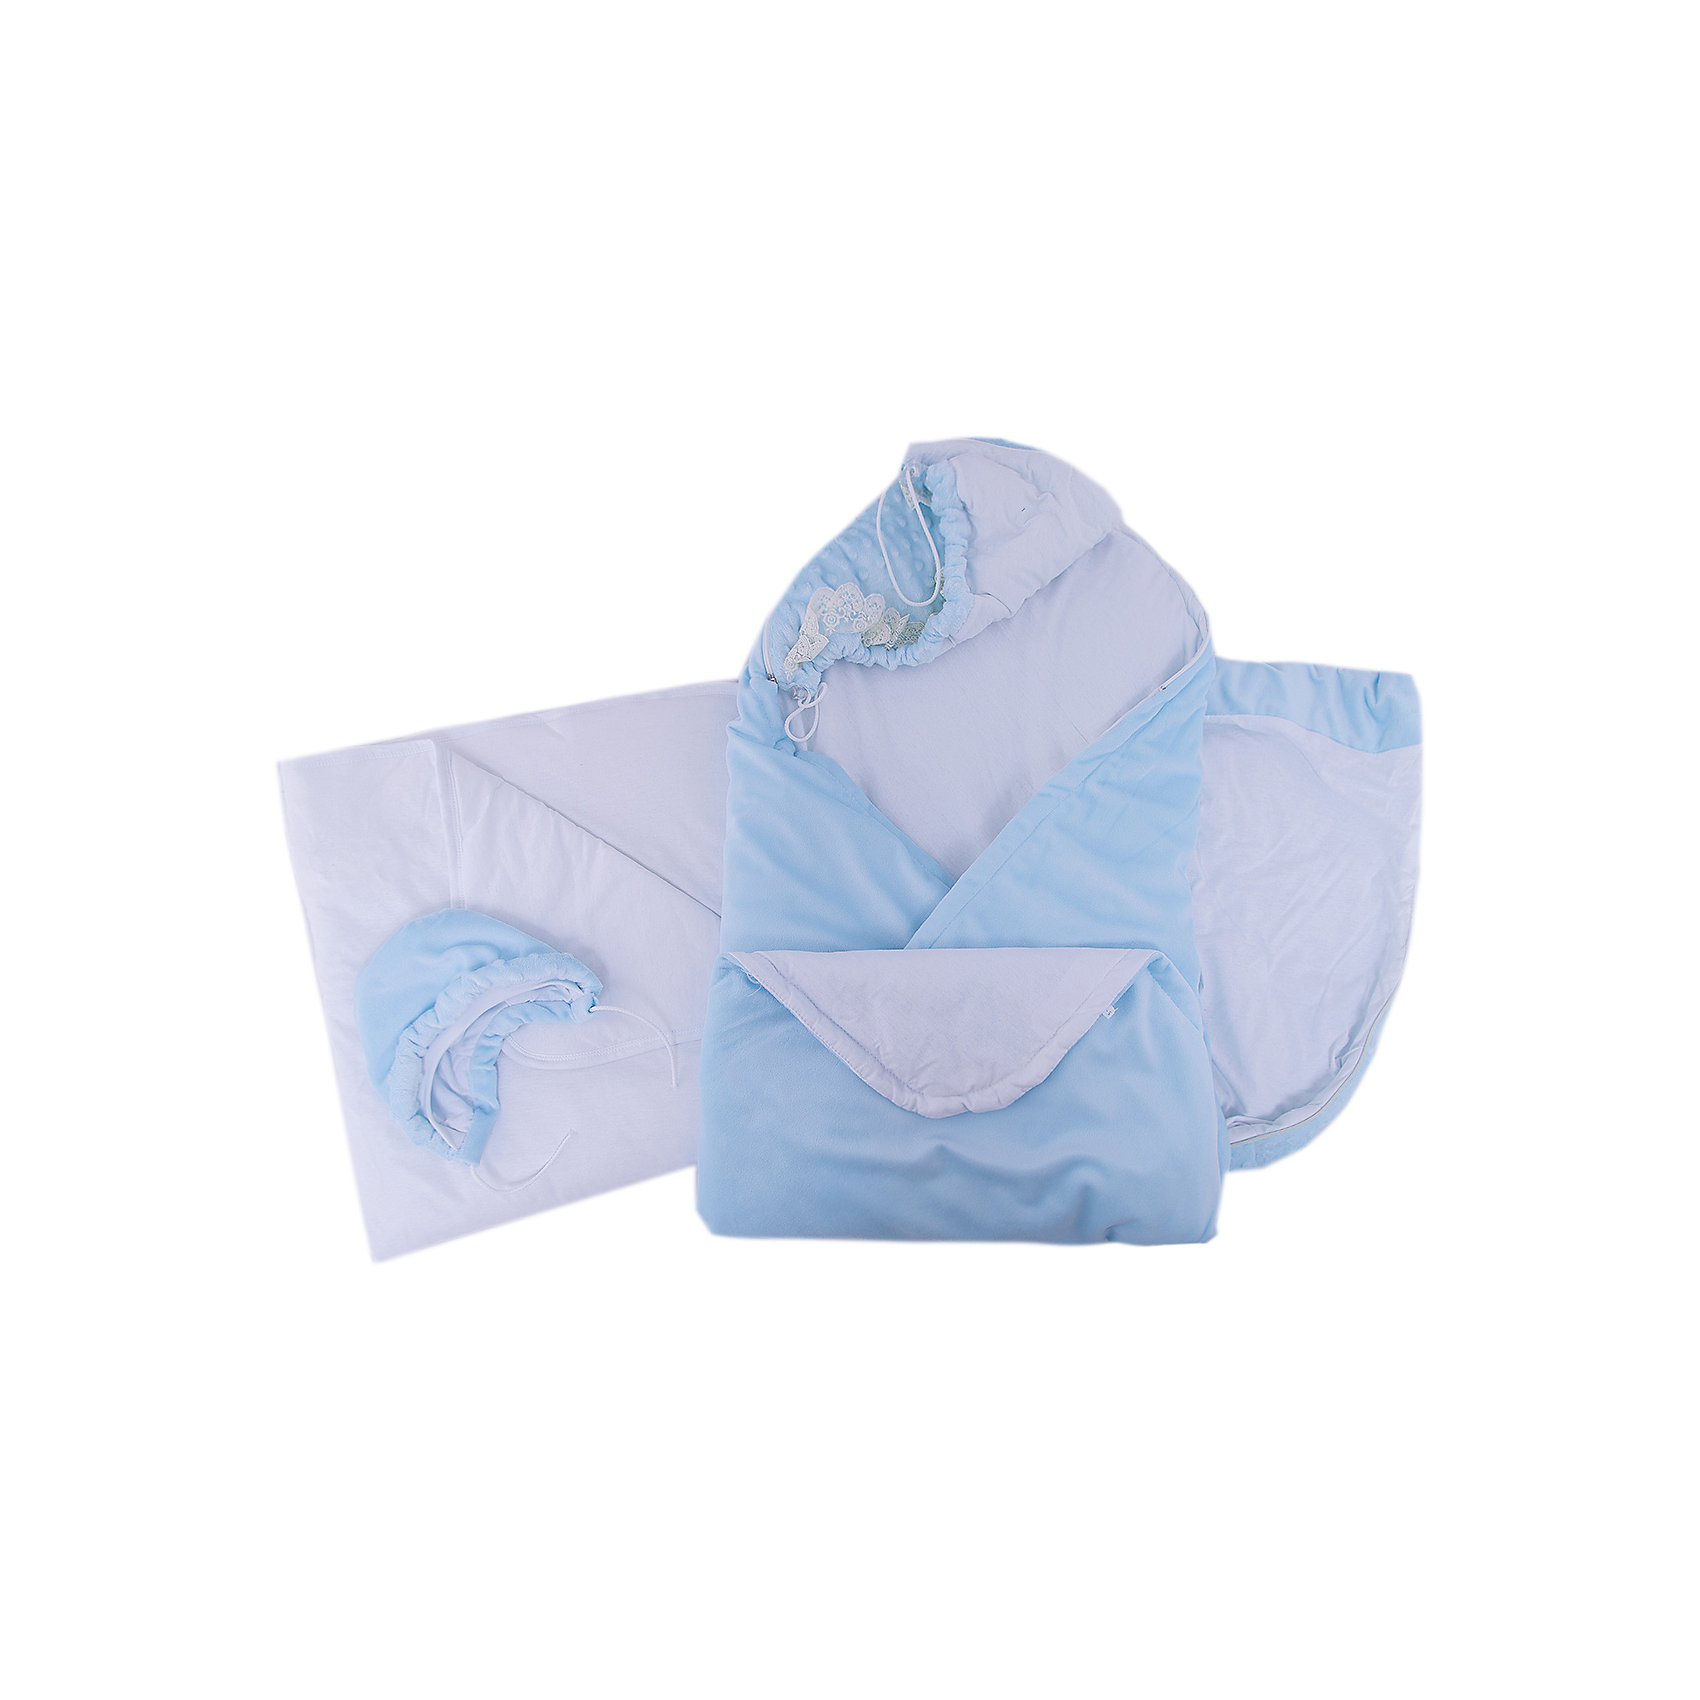 Комплект на выписку 6 пред., GulSara, 152 весна-осеньОдеяло трансформер голубойКонверты на выписку<br>Характеристики:<br><br>• Вид детского текстиля: комплект на выписку<br>• Предназначение: на выписку, для прогулки<br>• Сезон: весна, осень<br>• Утеплитель: средняя степень<br>• Температурный режим: от -10? С до +20? С<br>• Пол: для мальчика<br>• Тематика рисунка: без рисунка<br>• Материал: вельбоа, кулирка<br>• Цвет: голубой, белый<br>• Комплектация:<br> одеяло-трансформер – 1 шт. р-р 100*100 см<br> шапочка на синтепоне – 1 шт. р-р 56-36<br> одеяло на синтепоне – 1 шт. р-р 90*90 см<br> ползунки – 1 шт. р-р 56-36<br> распашонка – 1 шт. р-р 56-36<br> чепчик – 1 шт. р-р 56-36<br>• Декоративные элементы: кружево, жабо <br>• Особенности ухода: машинная стирка при температуре 30 градусов без использования отбеливающих и красящих веществ<br><br>Комплект на выписку 6 пред., GulSara, 152 весна-осень Одеяло трансформер голубой от отечественного швейного производства, который выпускает современный текстиль и товары для новорожденных, изготовленных на основе вековых традиций. В своем производстве GulSara использует только экологичные и натуральные материалы, что обеспечивает их безопасность даже для малышей с чувствительной кожей. Набор предназначен для выписки в осенне-весенний период и состоит из одеяла и шапочки, выполненных из вельбоа (мягкая ткань с нежным ворсом). <br><br>В качестве утеплителя использован синтепон – легкий, но при этом гипоаллергенный материал. Дополнительно в наборе предусмотрено синтепоновое одеяло. Комплект нижней одежды состоит из ползунков, распашонки и чепчика, изготовленных из кулирки. Одеяло-трансформер декорировано рюшами из кружева и кружевного жабо. Комплект на выписку 6 пред., GulSara, 152 весна-осень Одеяло трансформер голубой создаст изысканный и неповторимый образ вашего малыша!<br><br>Комплект на выписку 6 пред., GulSara, 152 весна-осень Одеяло трансформер голубой можно купить в нашем интернет-магазине.<br><br>Ширина мм: 750<br>Глубина мм: